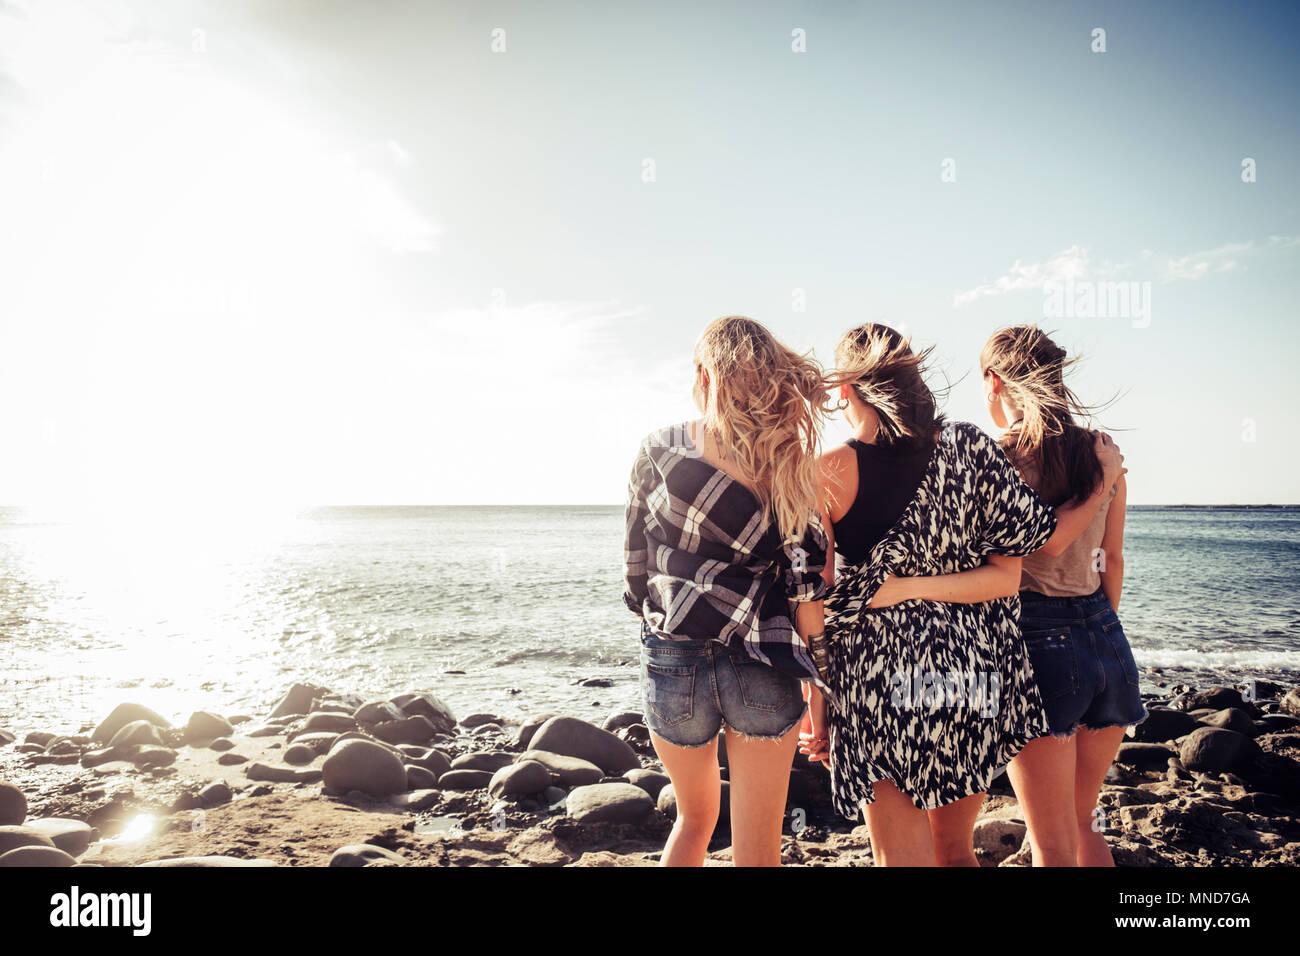 Groupe de trois jeunes filles de Nice à l'embrasser eux-mêmes à la ocean sunset en vacances. Moment de l'équipe plein d'émotions et de souvenirs. La lumière du soleil dans un b Photo Stock